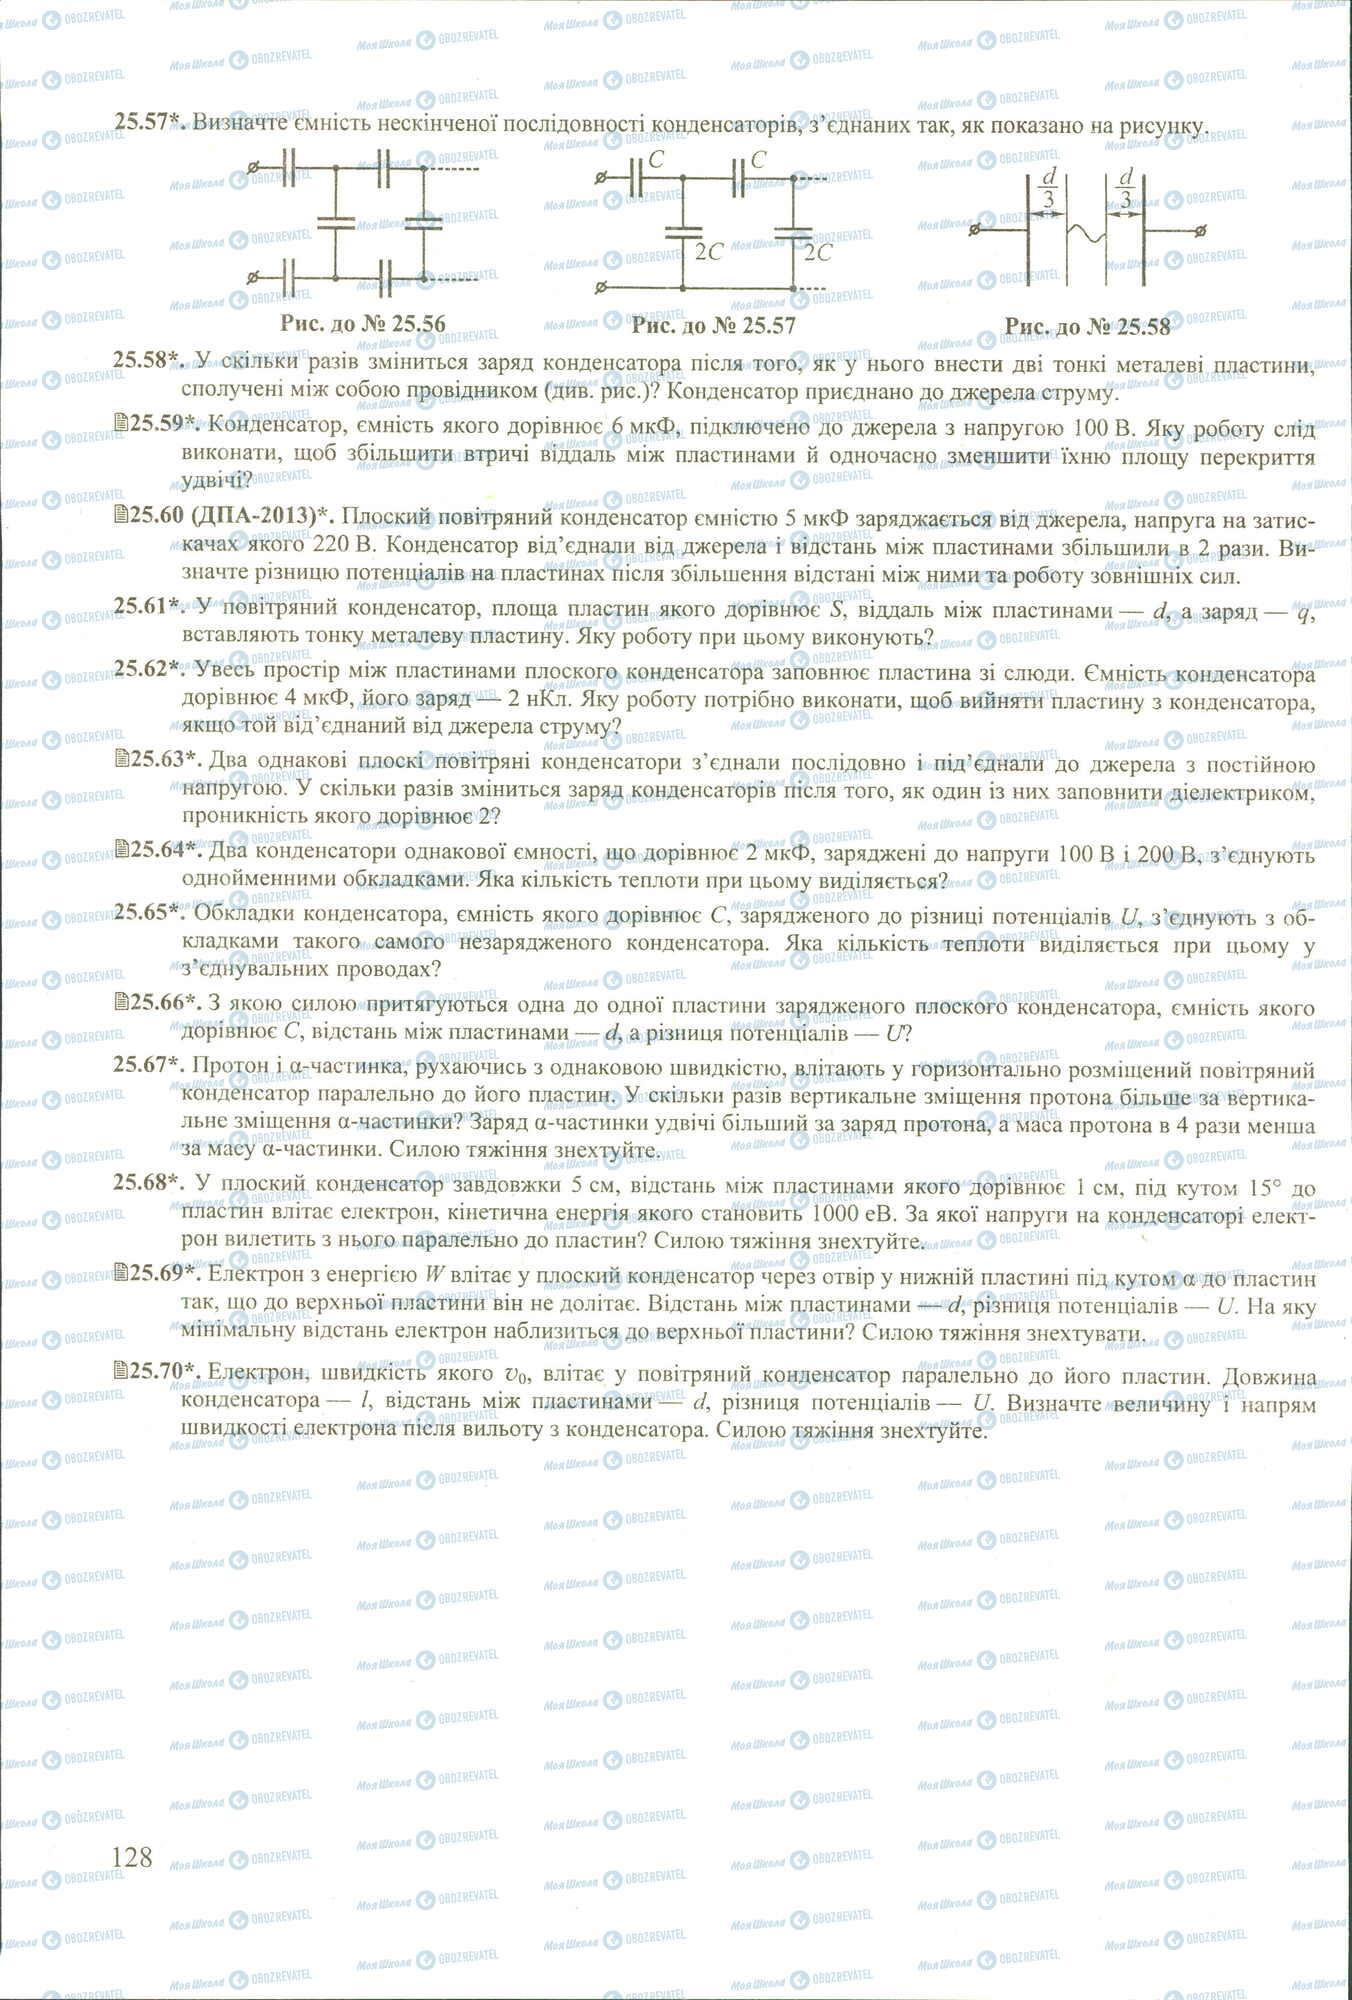 ЗНО Физика 11 класс страница 57-70